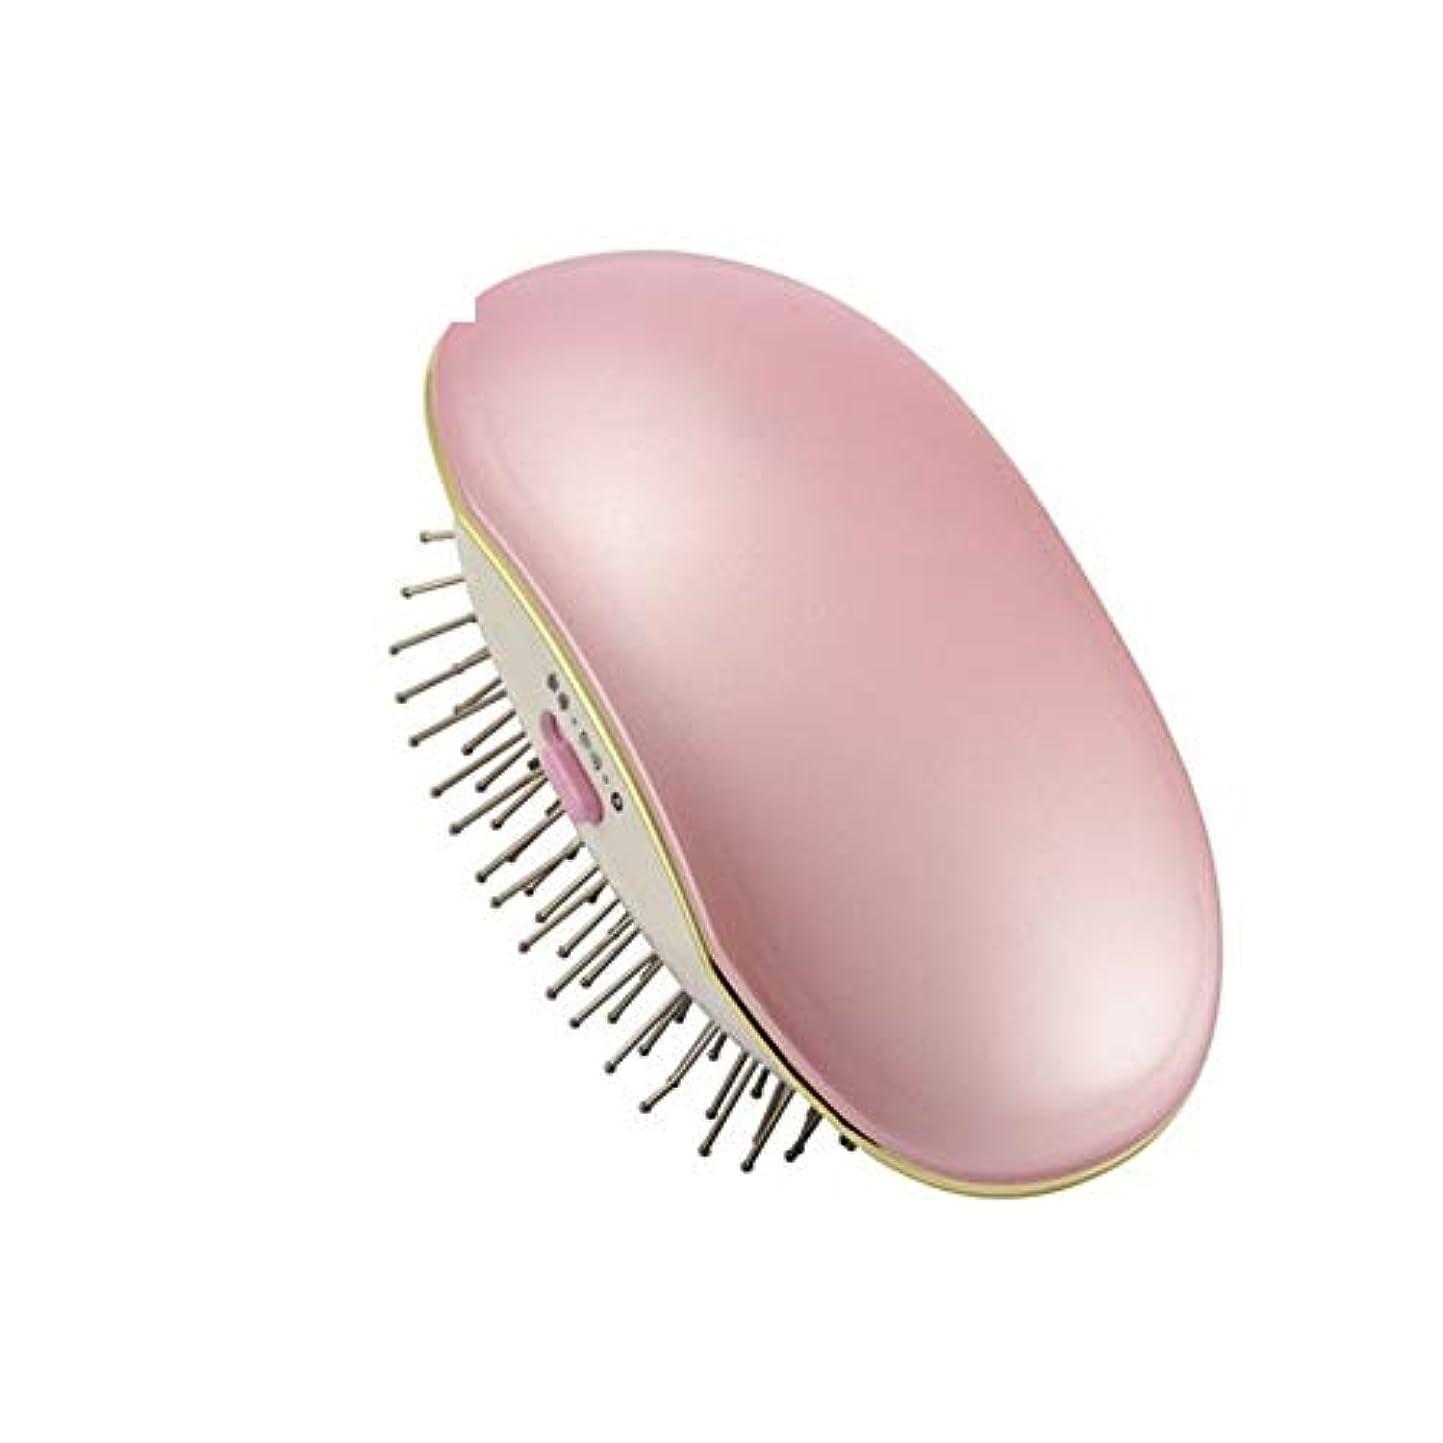 受信機ベックス中級ポータブル電気イオンブラシ櫛イオン完璧な矯正スタイラーアイロンブラシケア矯正電気アイロンブラシ huang (Color : Pink)